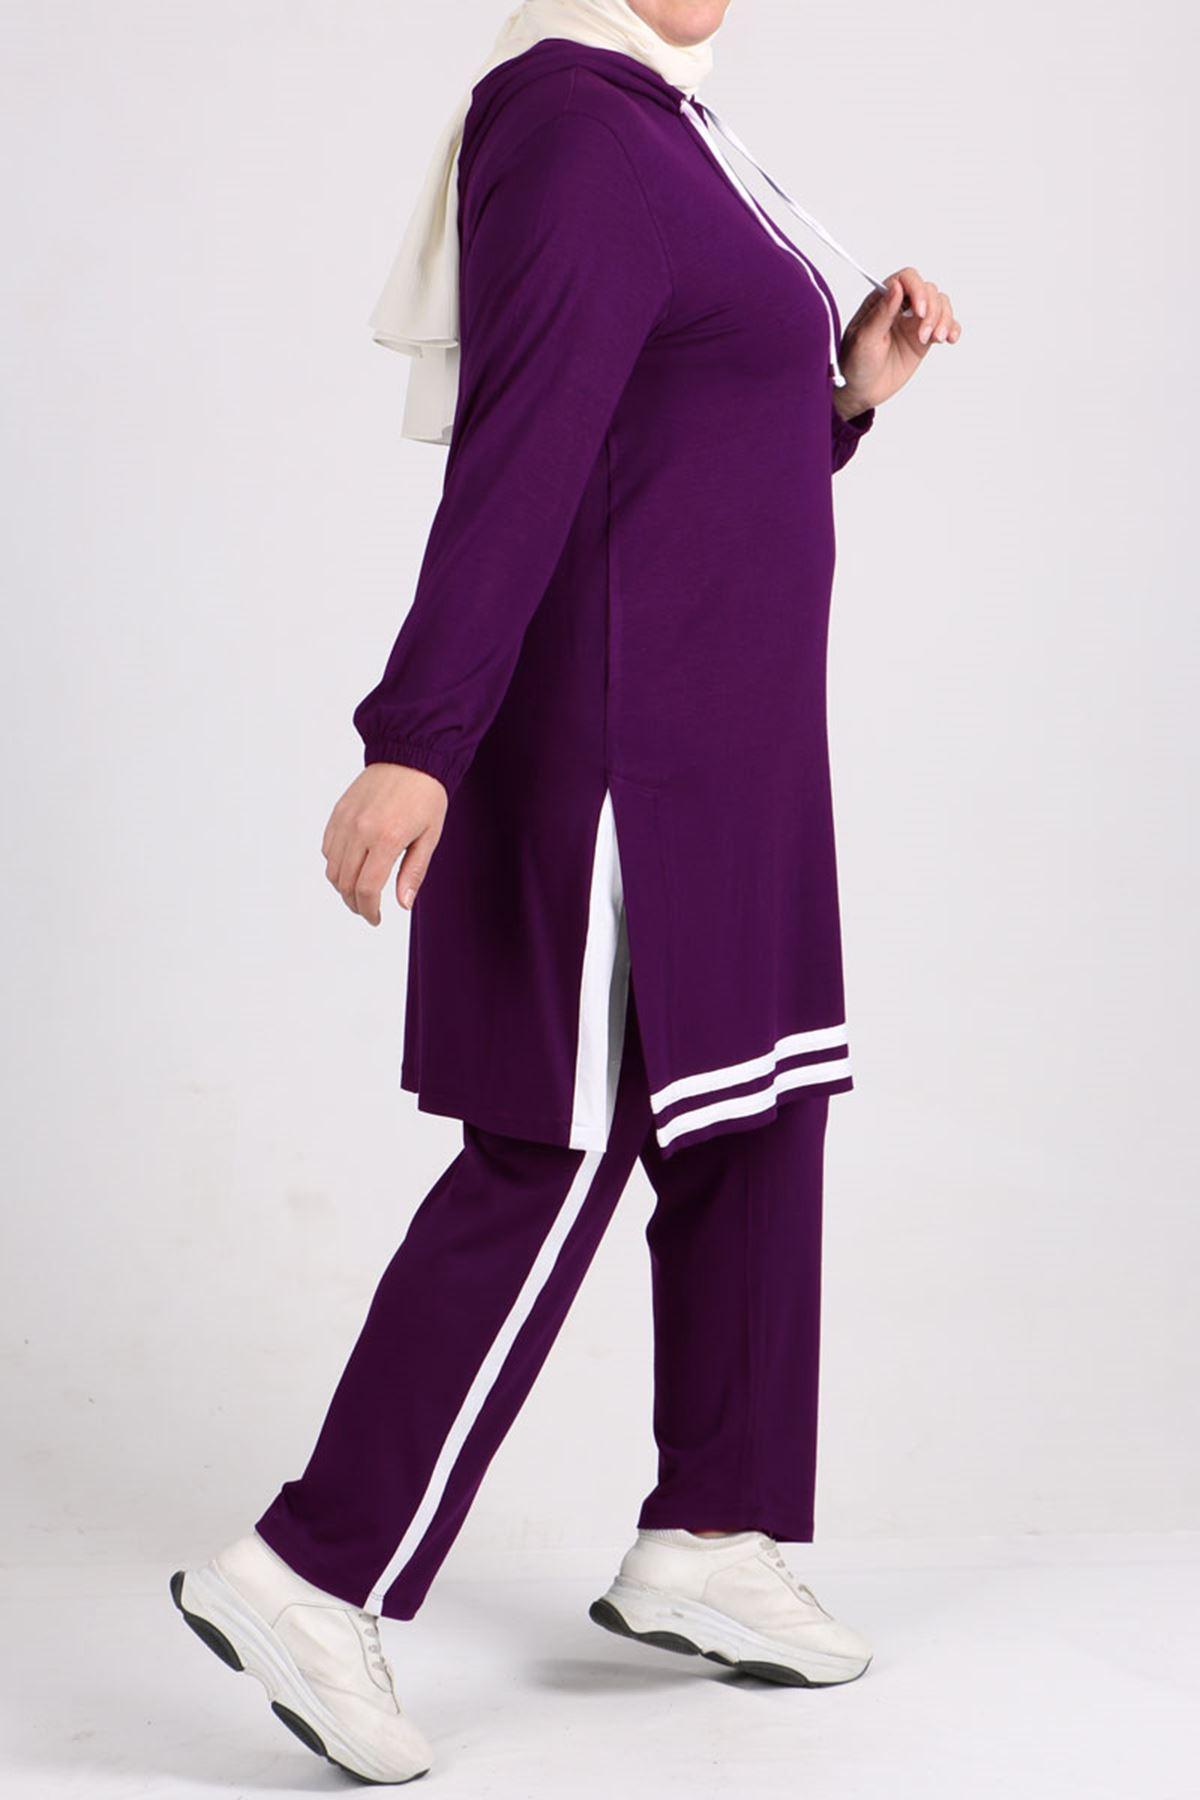 7689 Büyük Beden Şeritli Penye Pantalonlu Takım - Mor